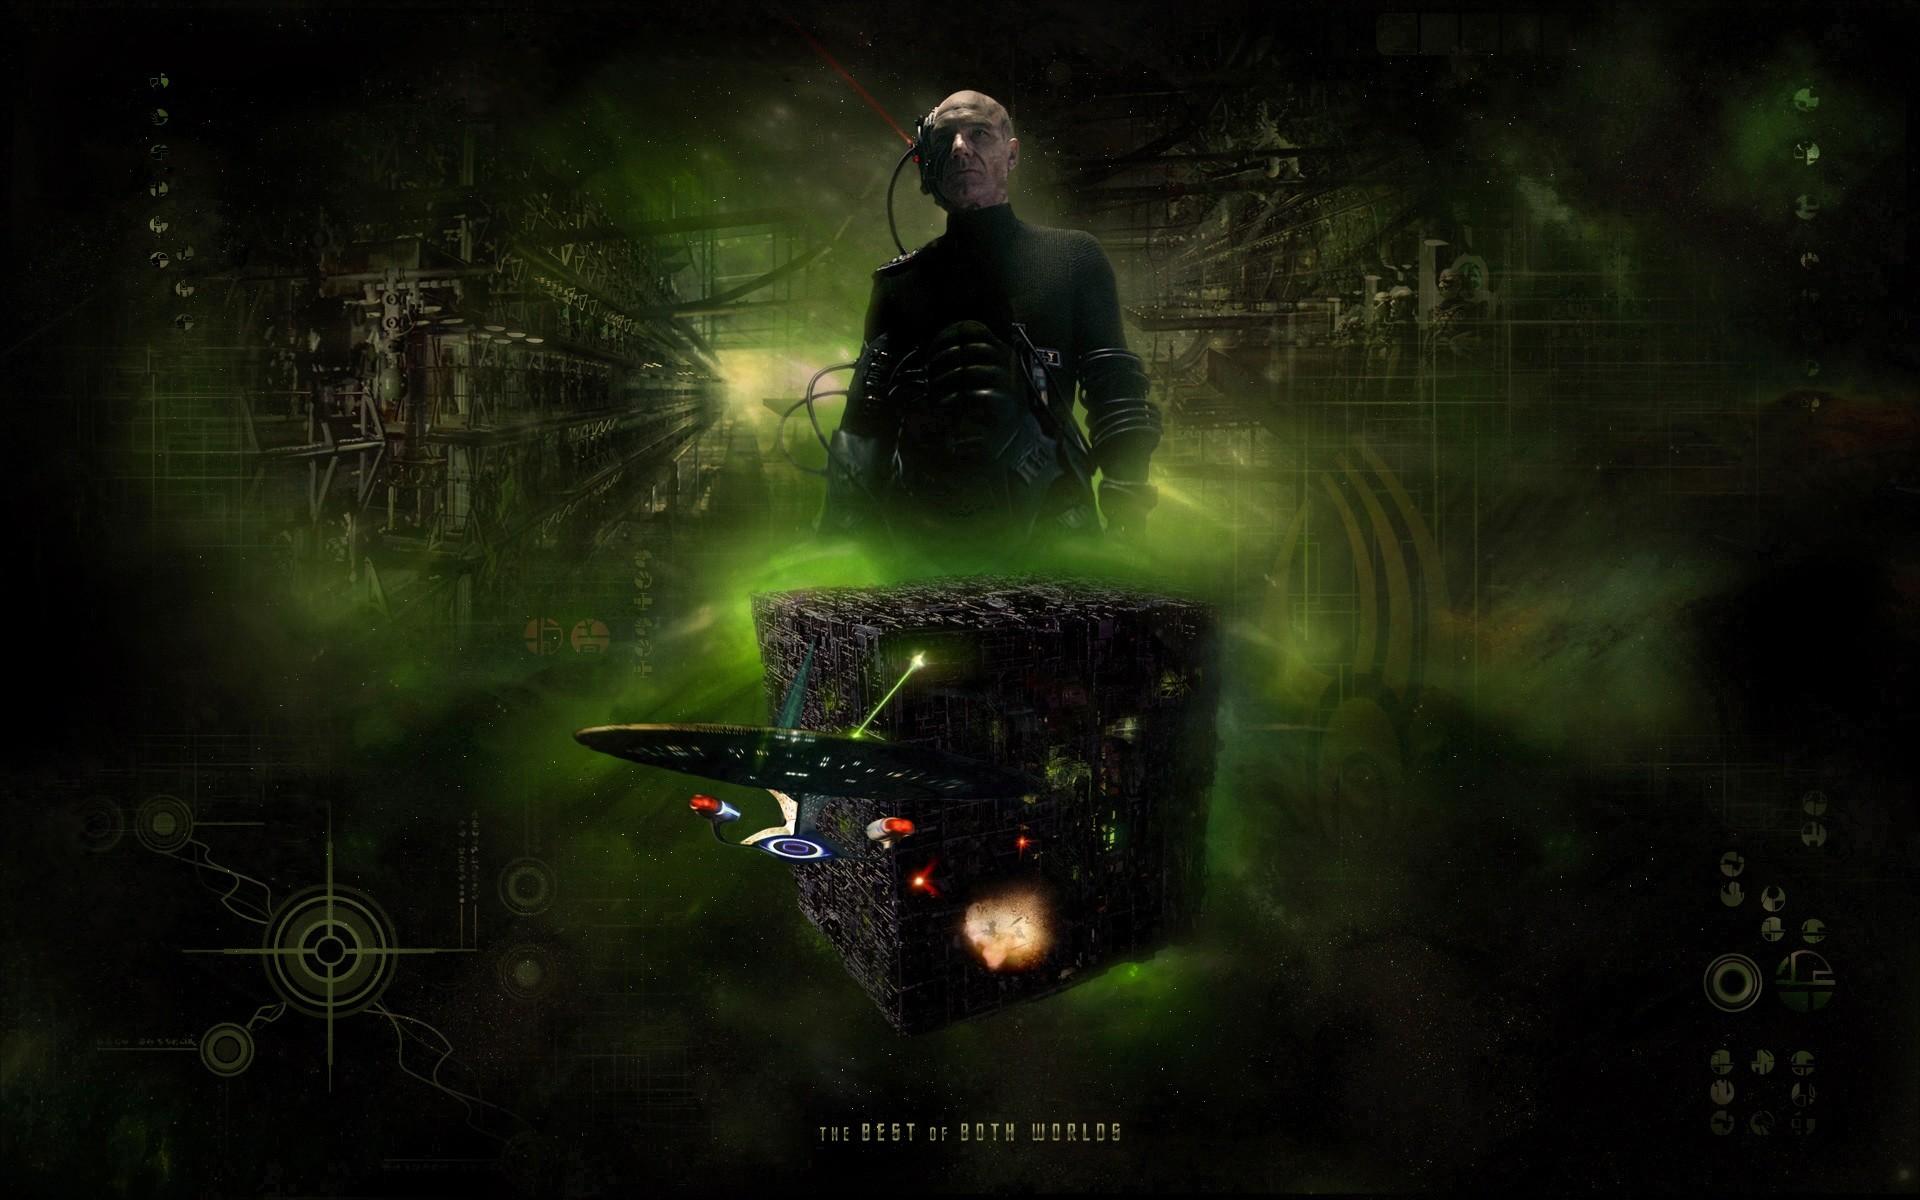 Star Trek Original Series Borg Cube. Free Star Trek computer desktop  wallpaper, images,